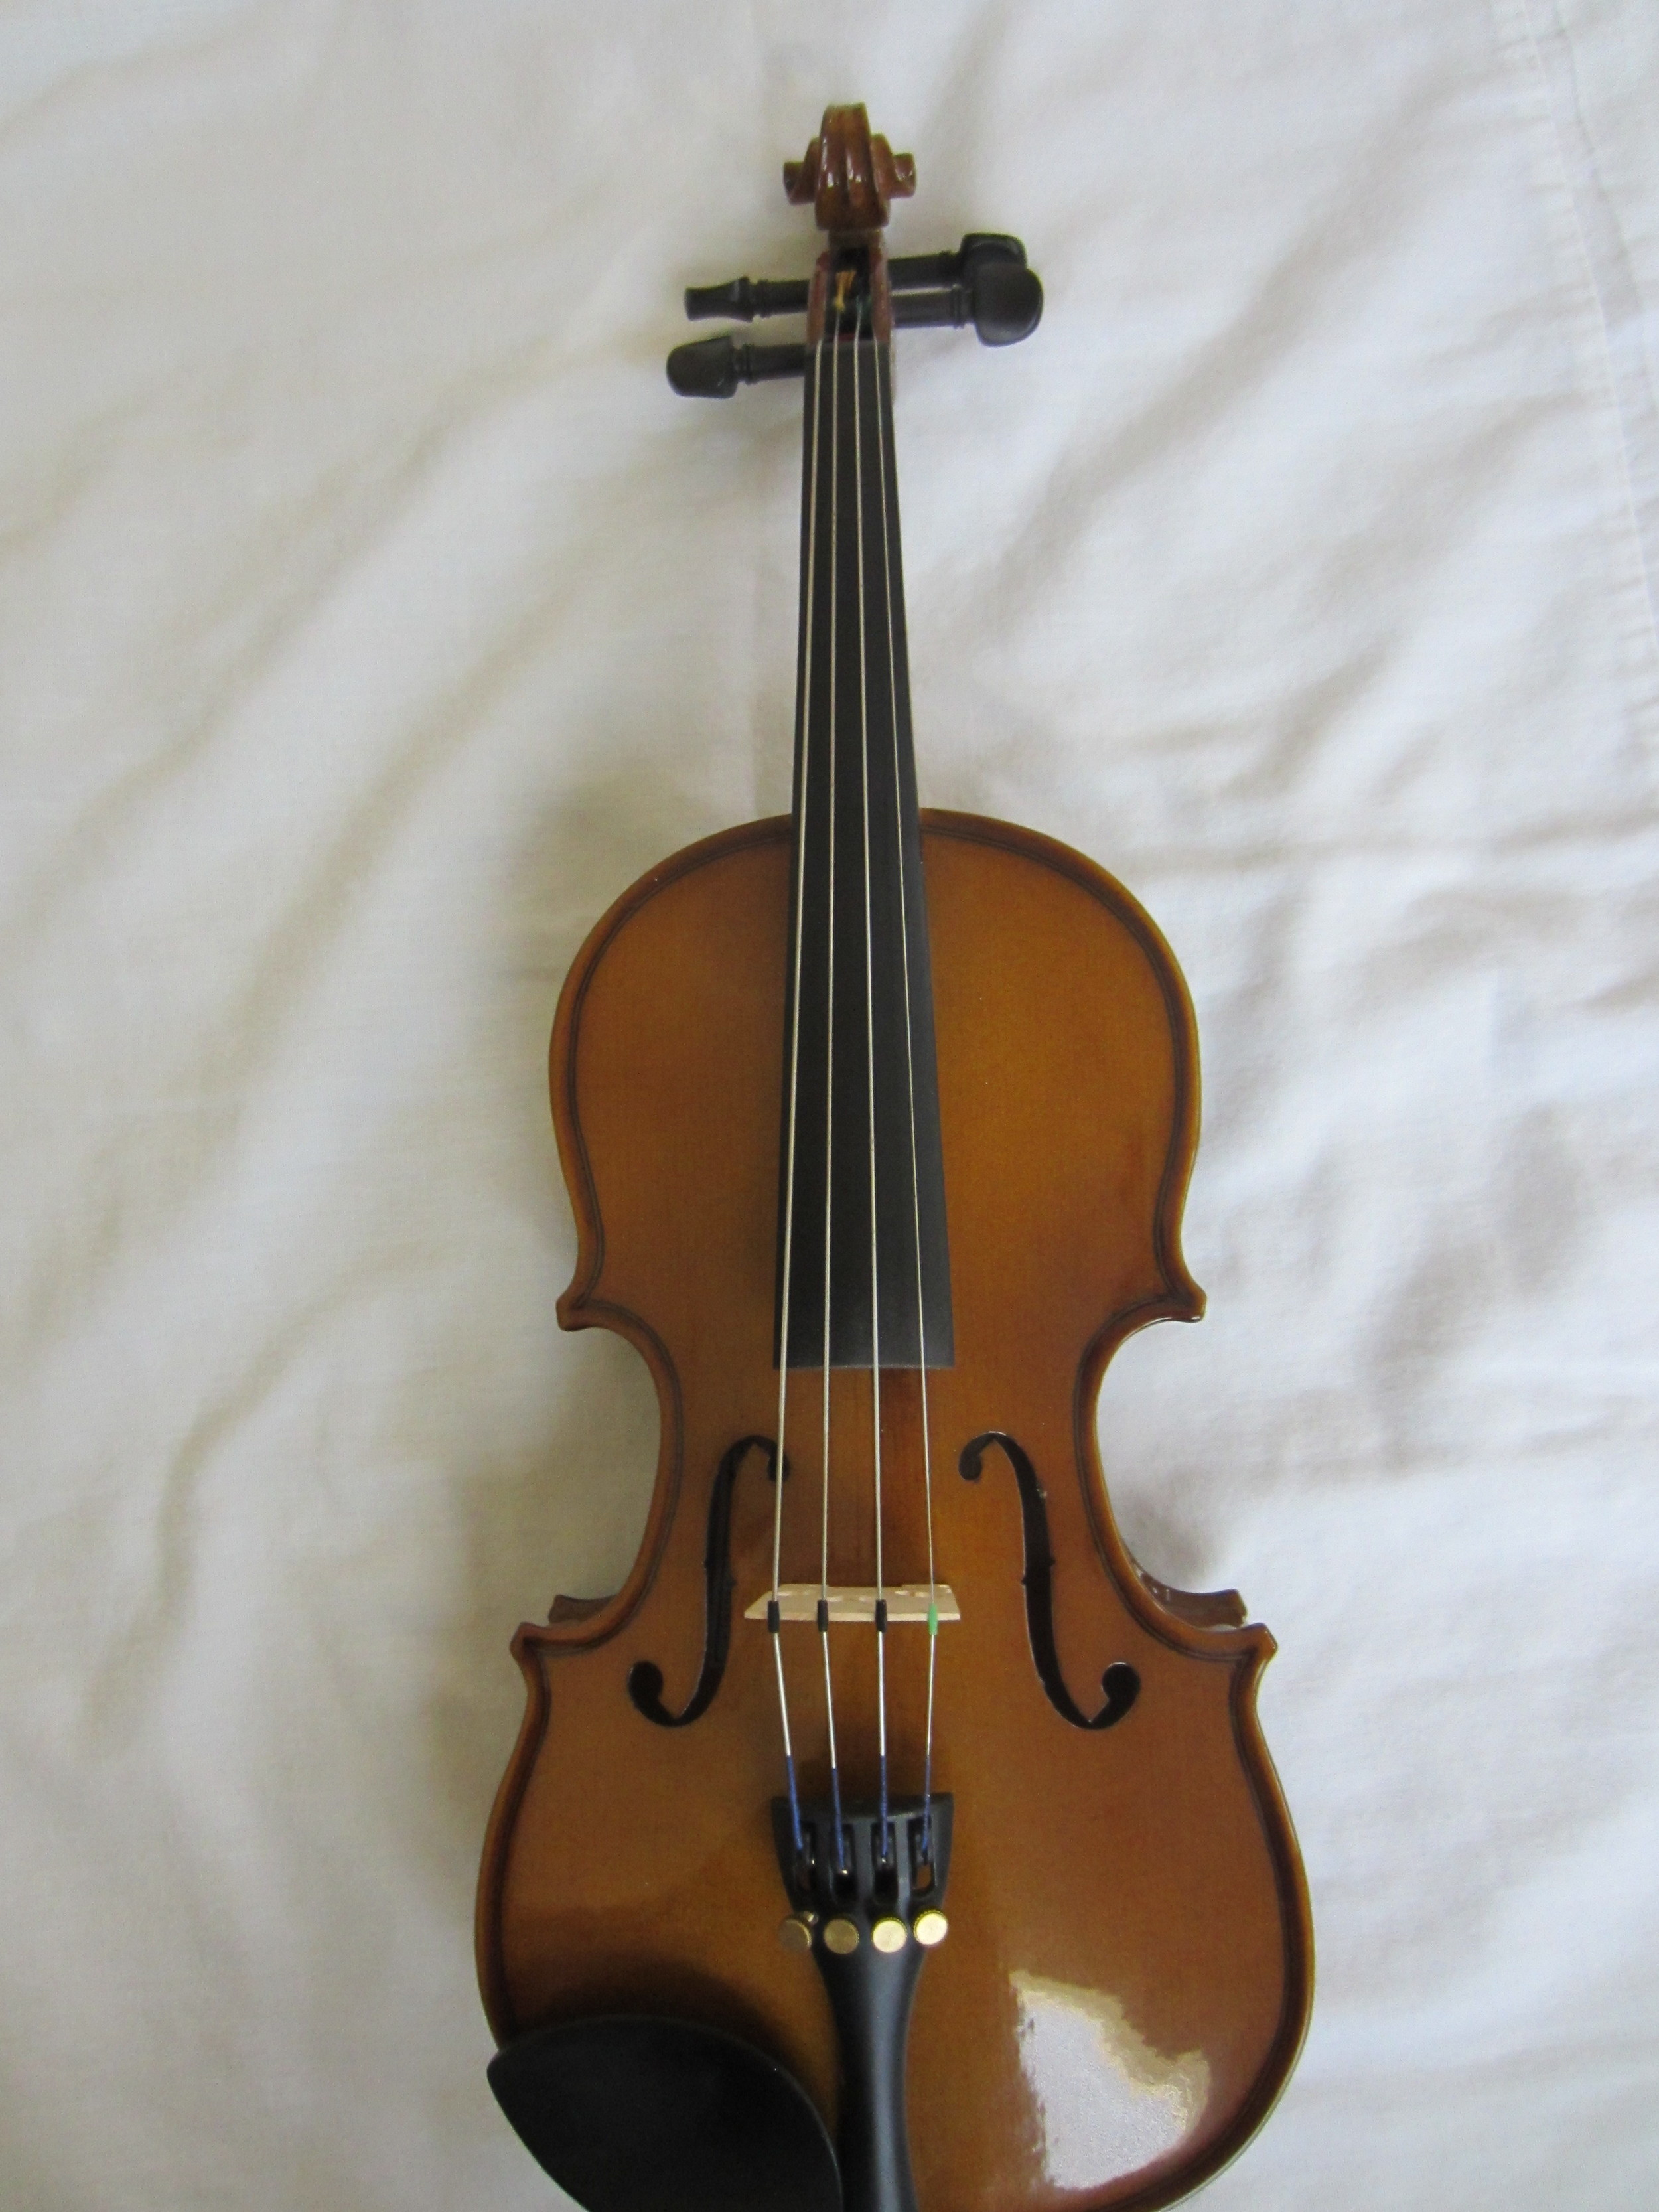 Cremona SV-130 Violin Review